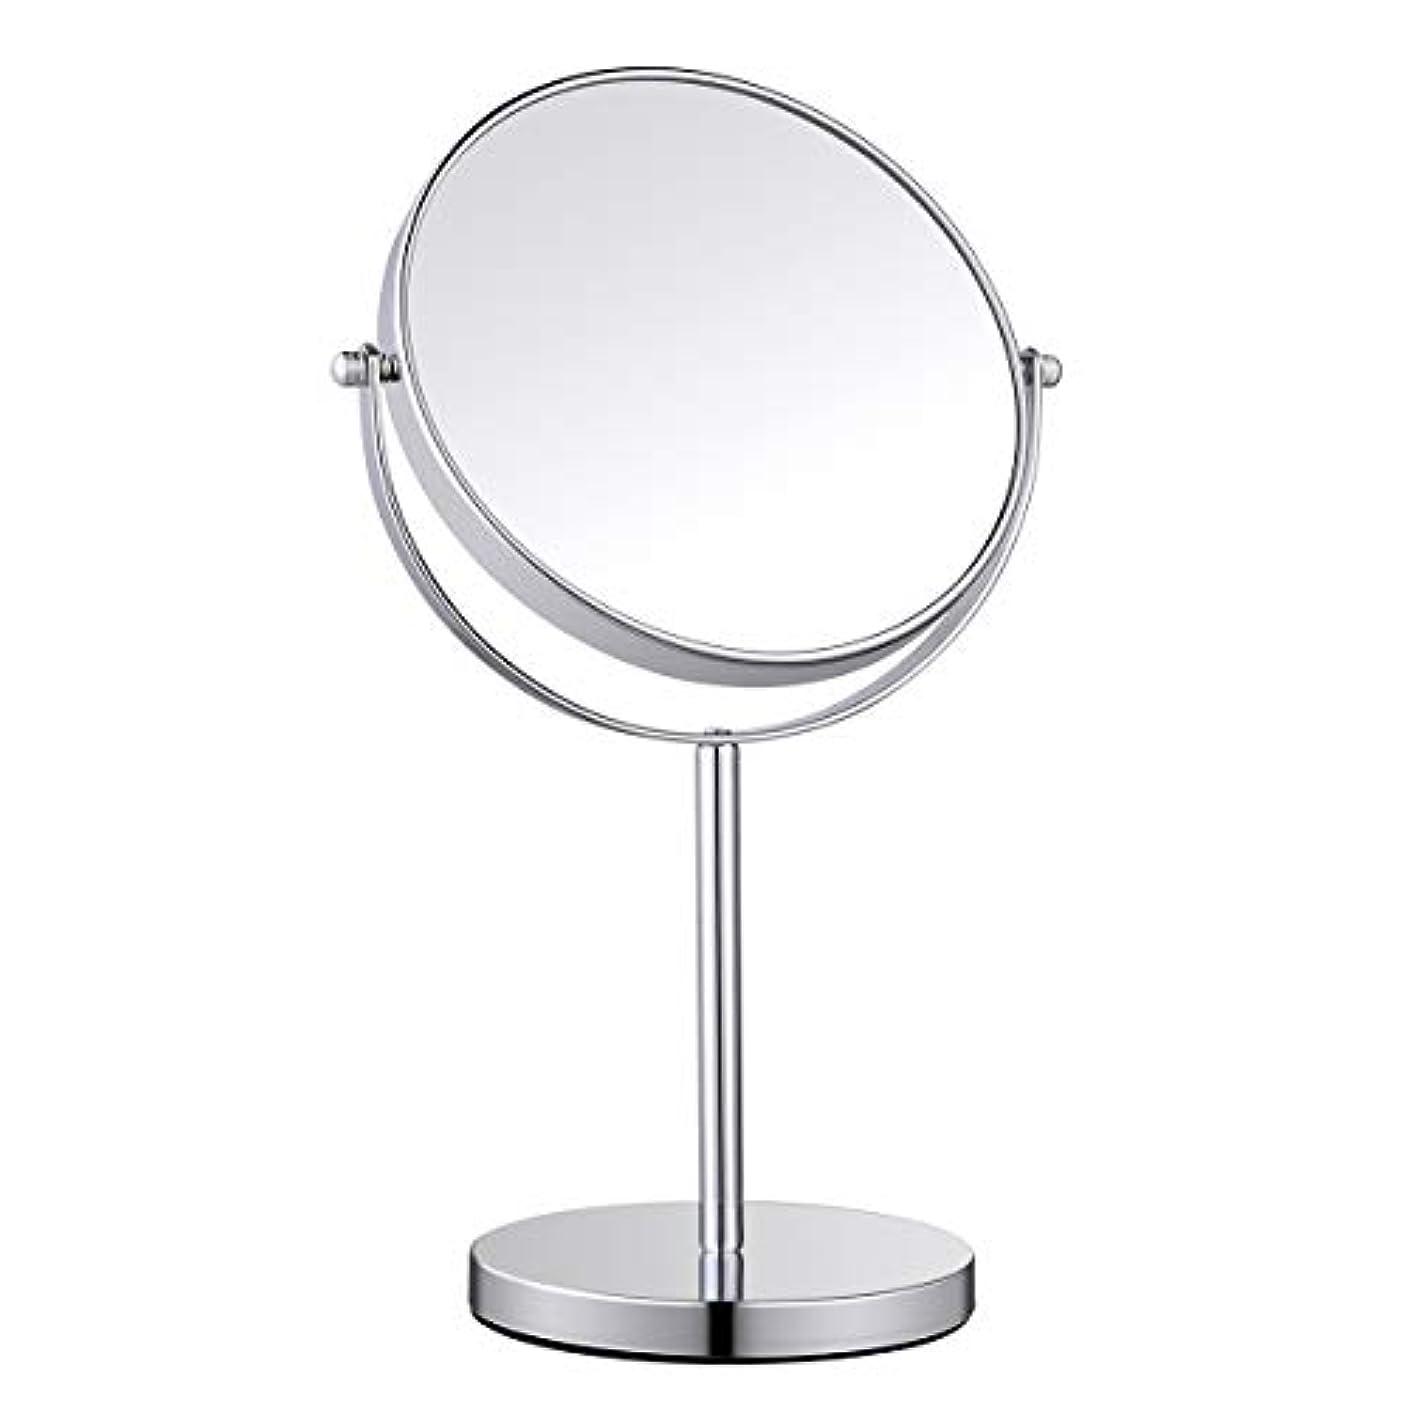 虹忌み嫌う日付Ovonni 卓上鏡 化粧鏡 卓上ミラー 両面鏡 360°回転 等倍鏡&3倍拡大鏡 光学レンズ高解像度 シンプル (太い 鏡面20cm)